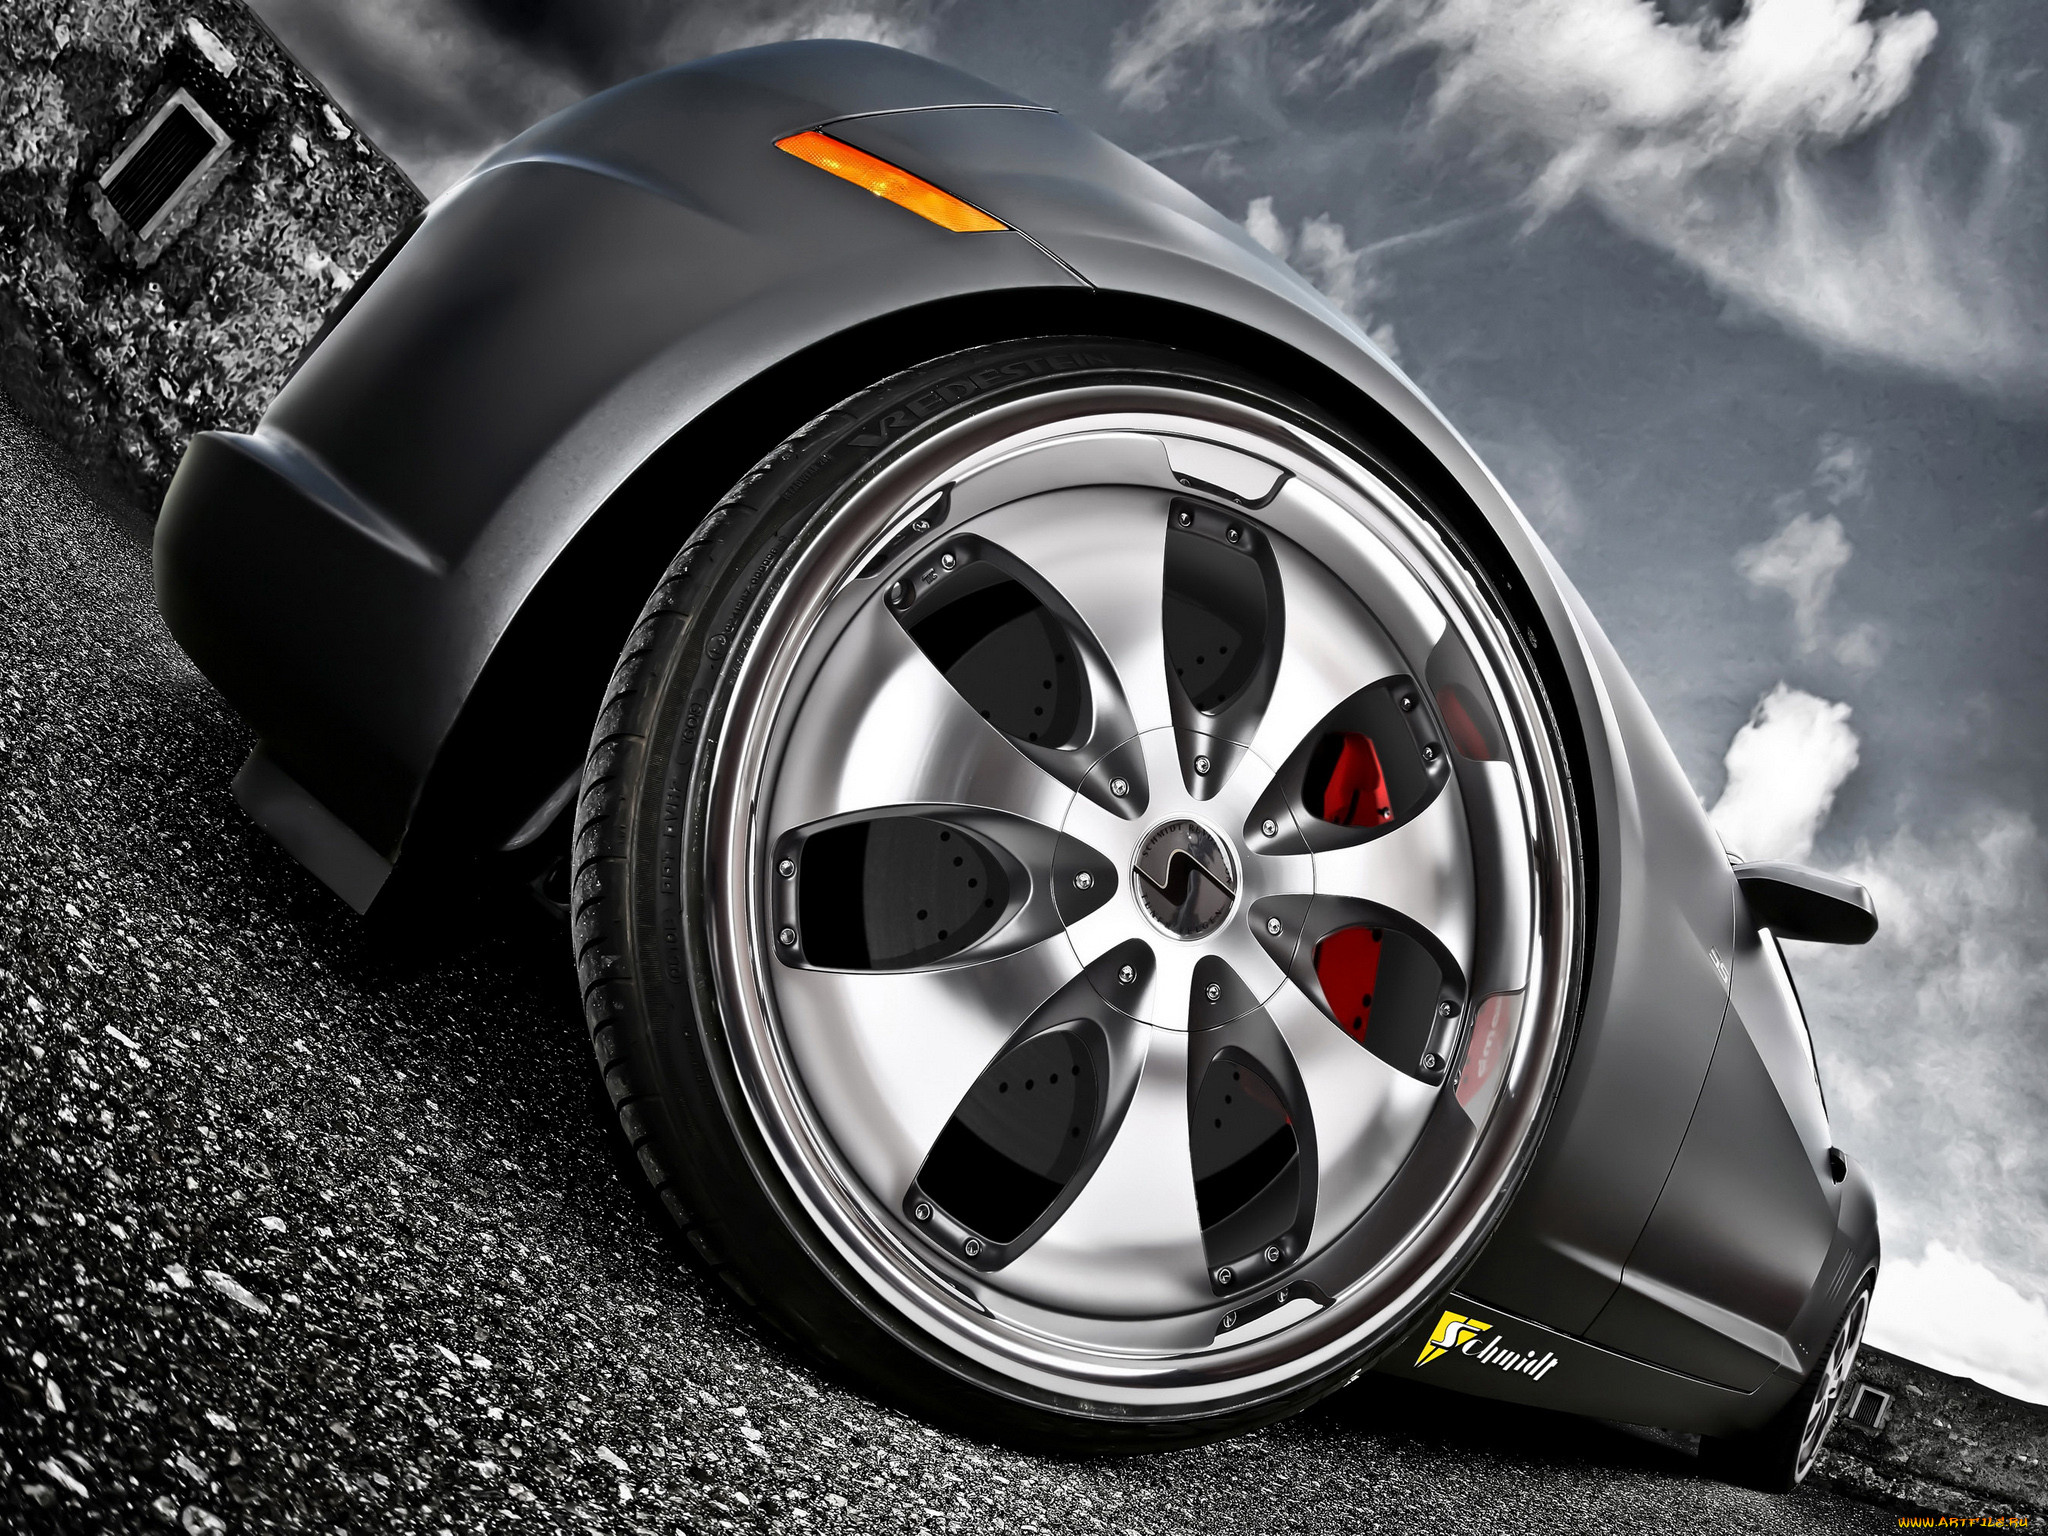 попал картинки машины крутые колеса качество